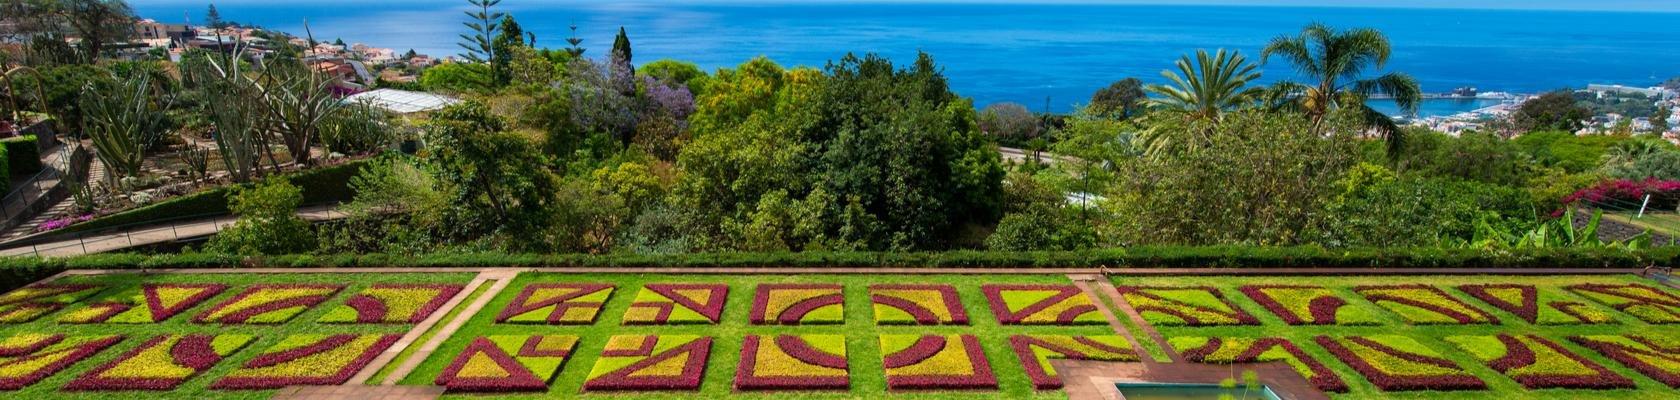 De kleurrijke Madeira Botanical Gardens